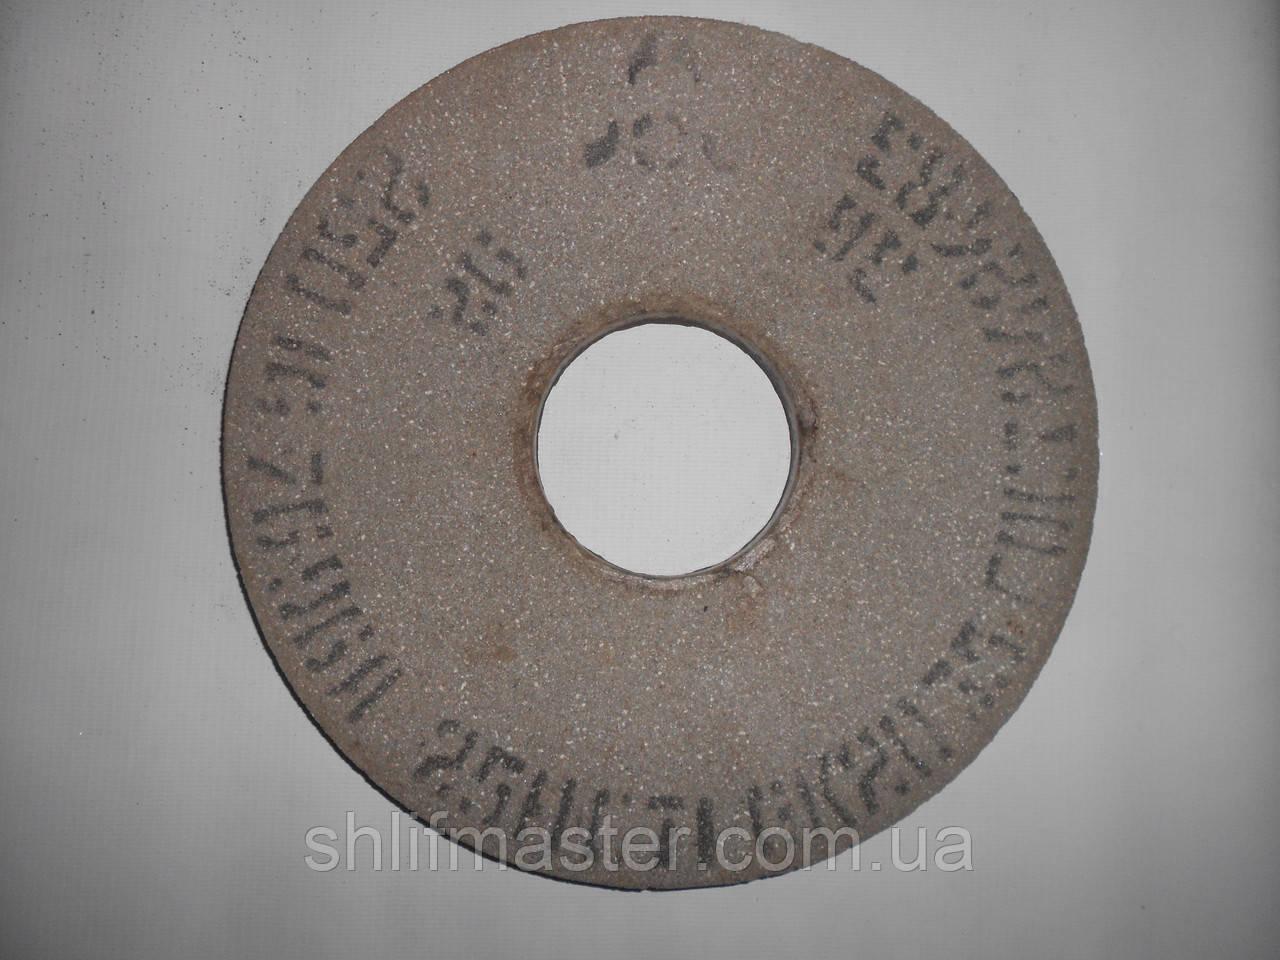 Круг абразивный шлифовальный 96А ПП 250х16х76 25 СТ1 прямого профиля розовый